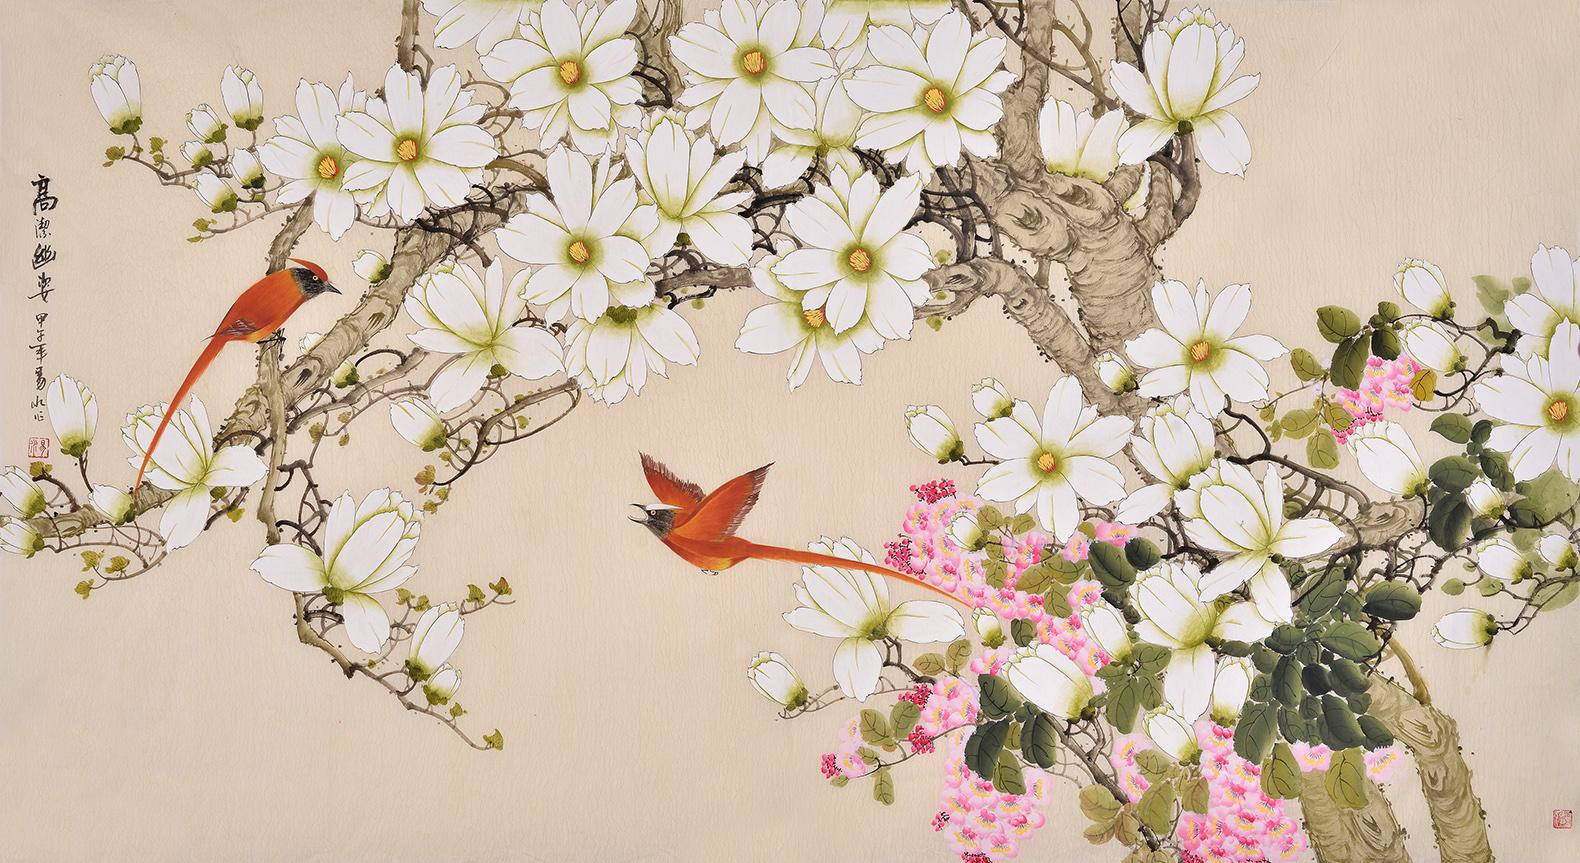 易水工笔花鸟画作品欣赏-易从字画商城